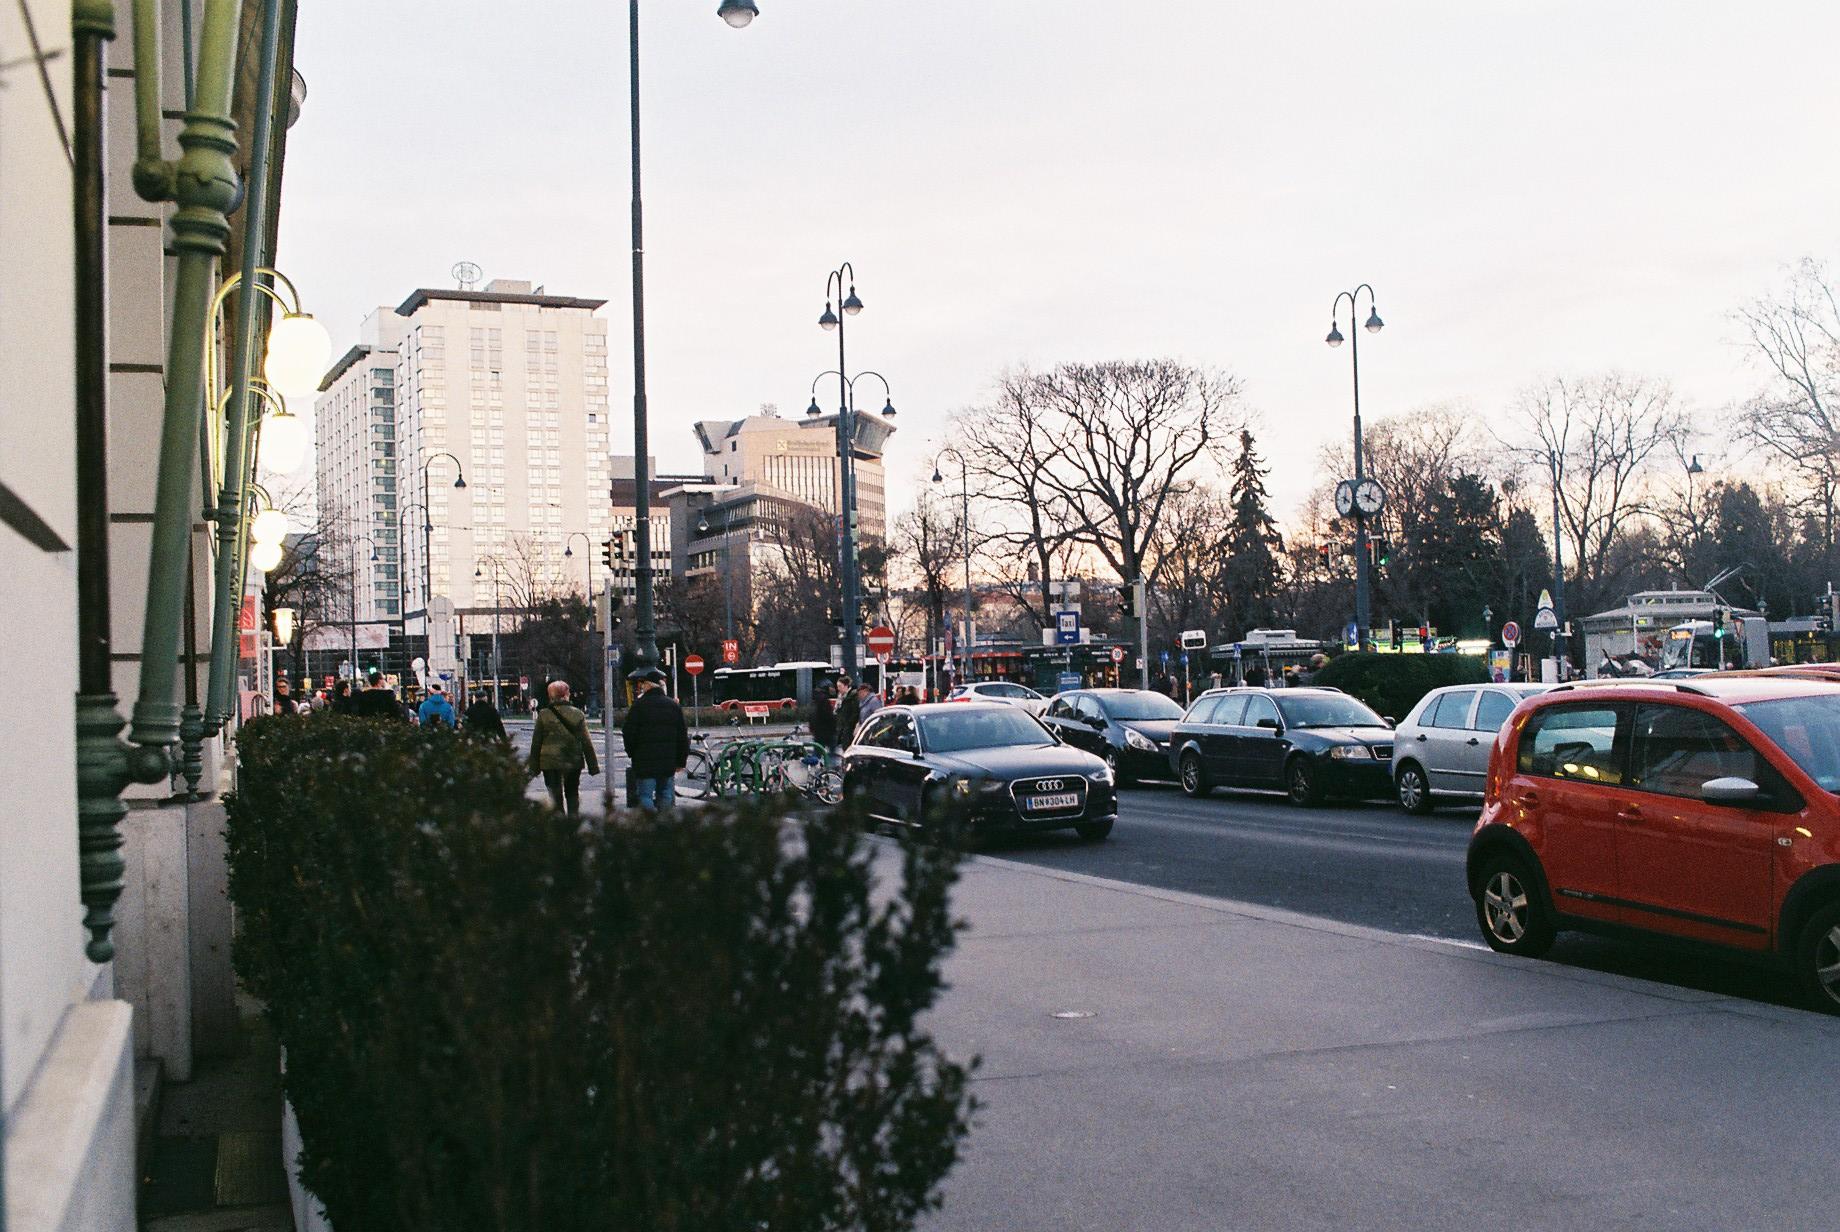 12.31_Wien_16